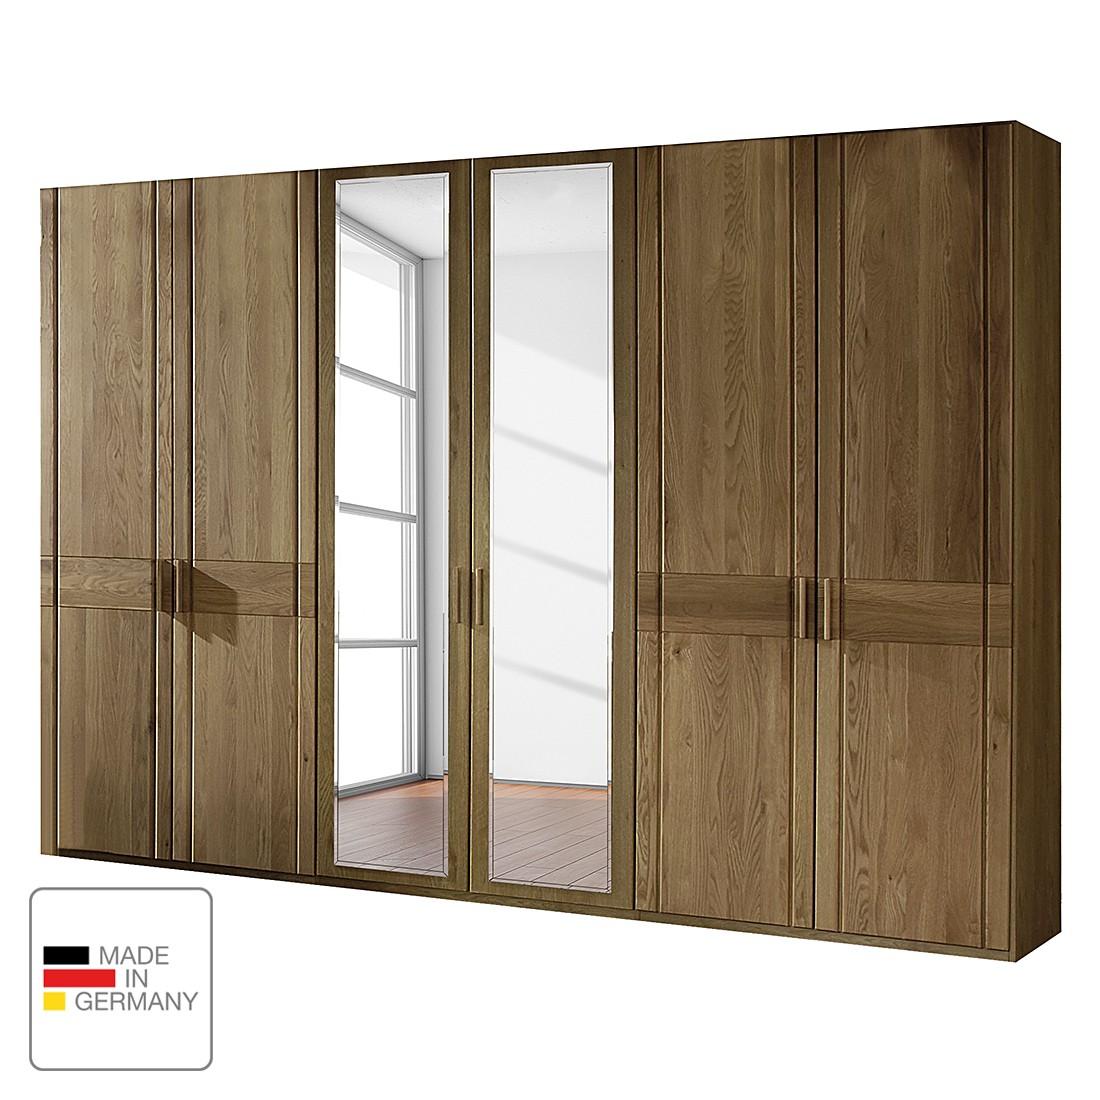 Draaideurkast Münster - deels massief eikenhout - Zonder verlichting - 350cm (7-deurs) - 3 spiegeldeuren - Zonder kroonlijst, Wiemann